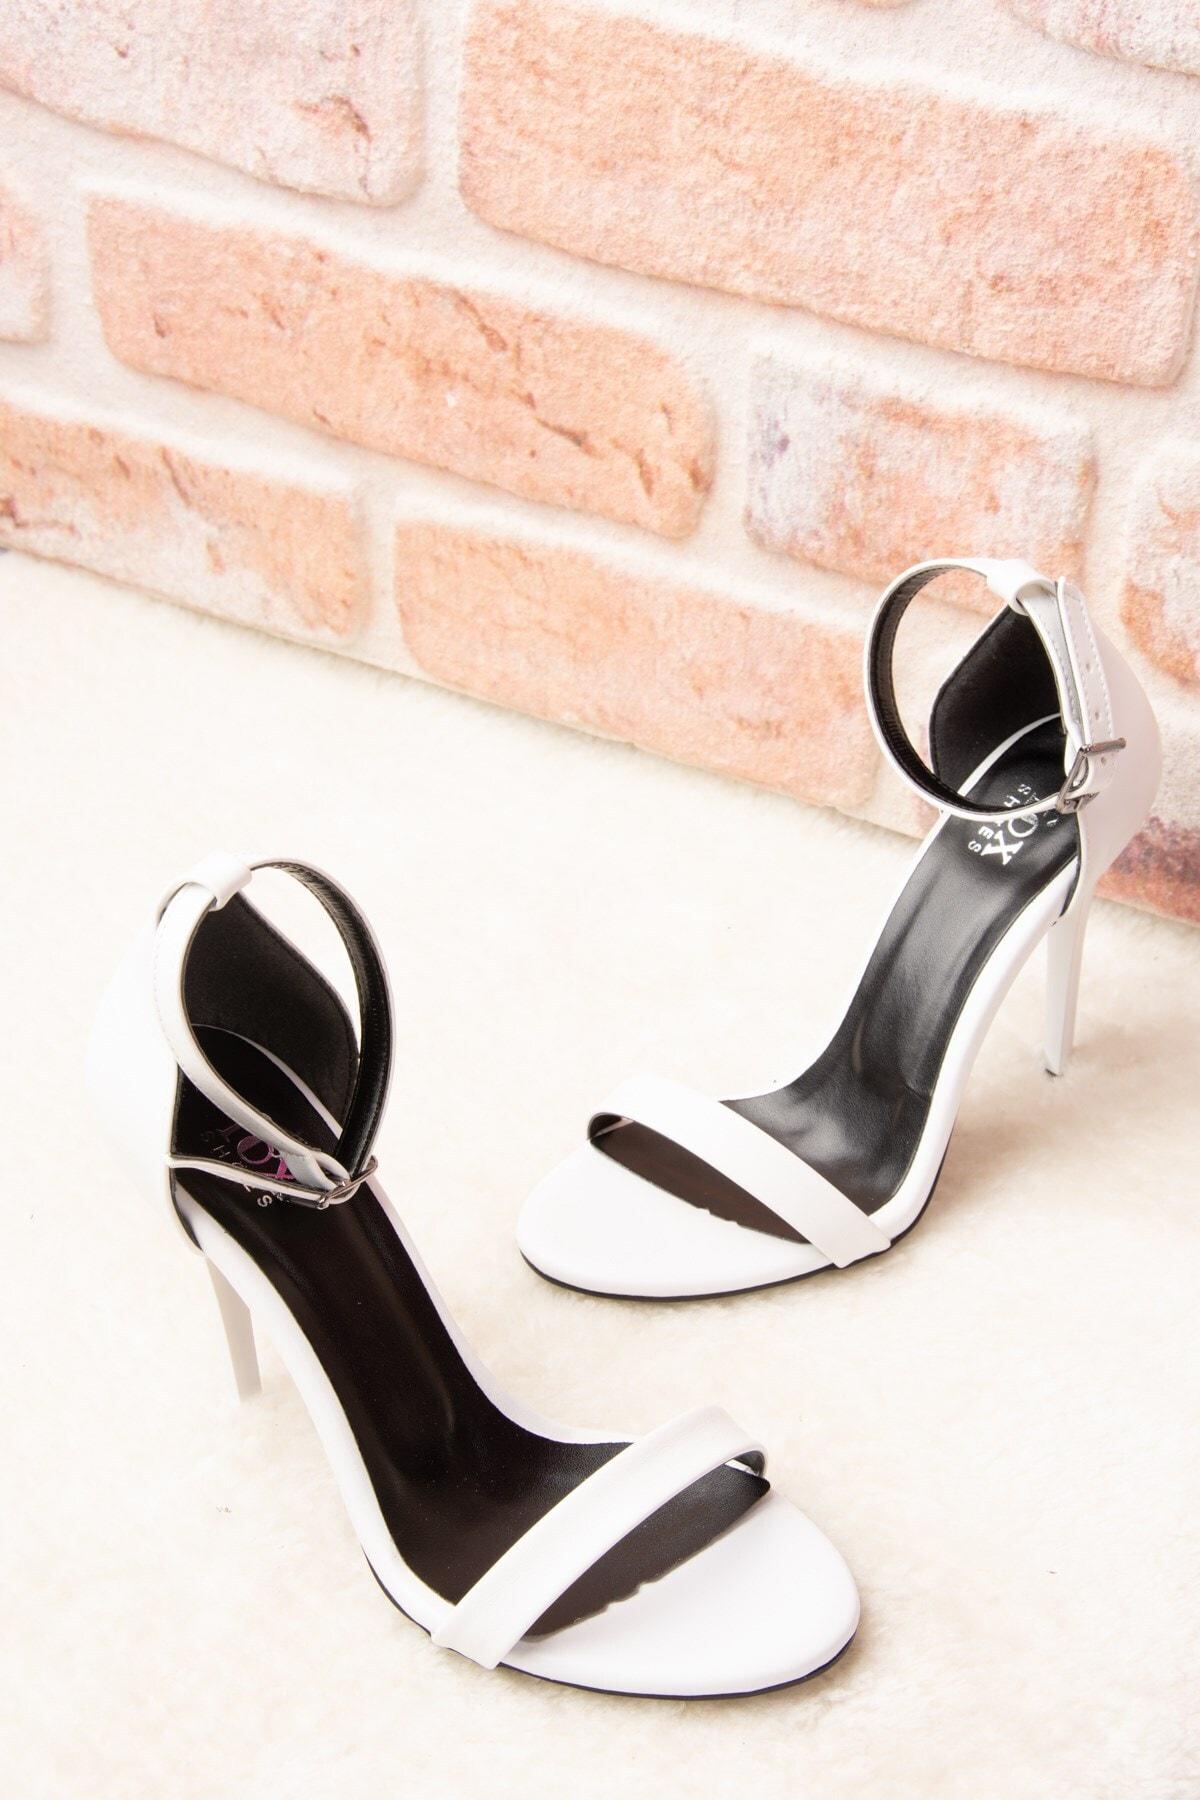 Fox Shoes Beyaz Kadın Topuklu Ayakkabı B922112609 2